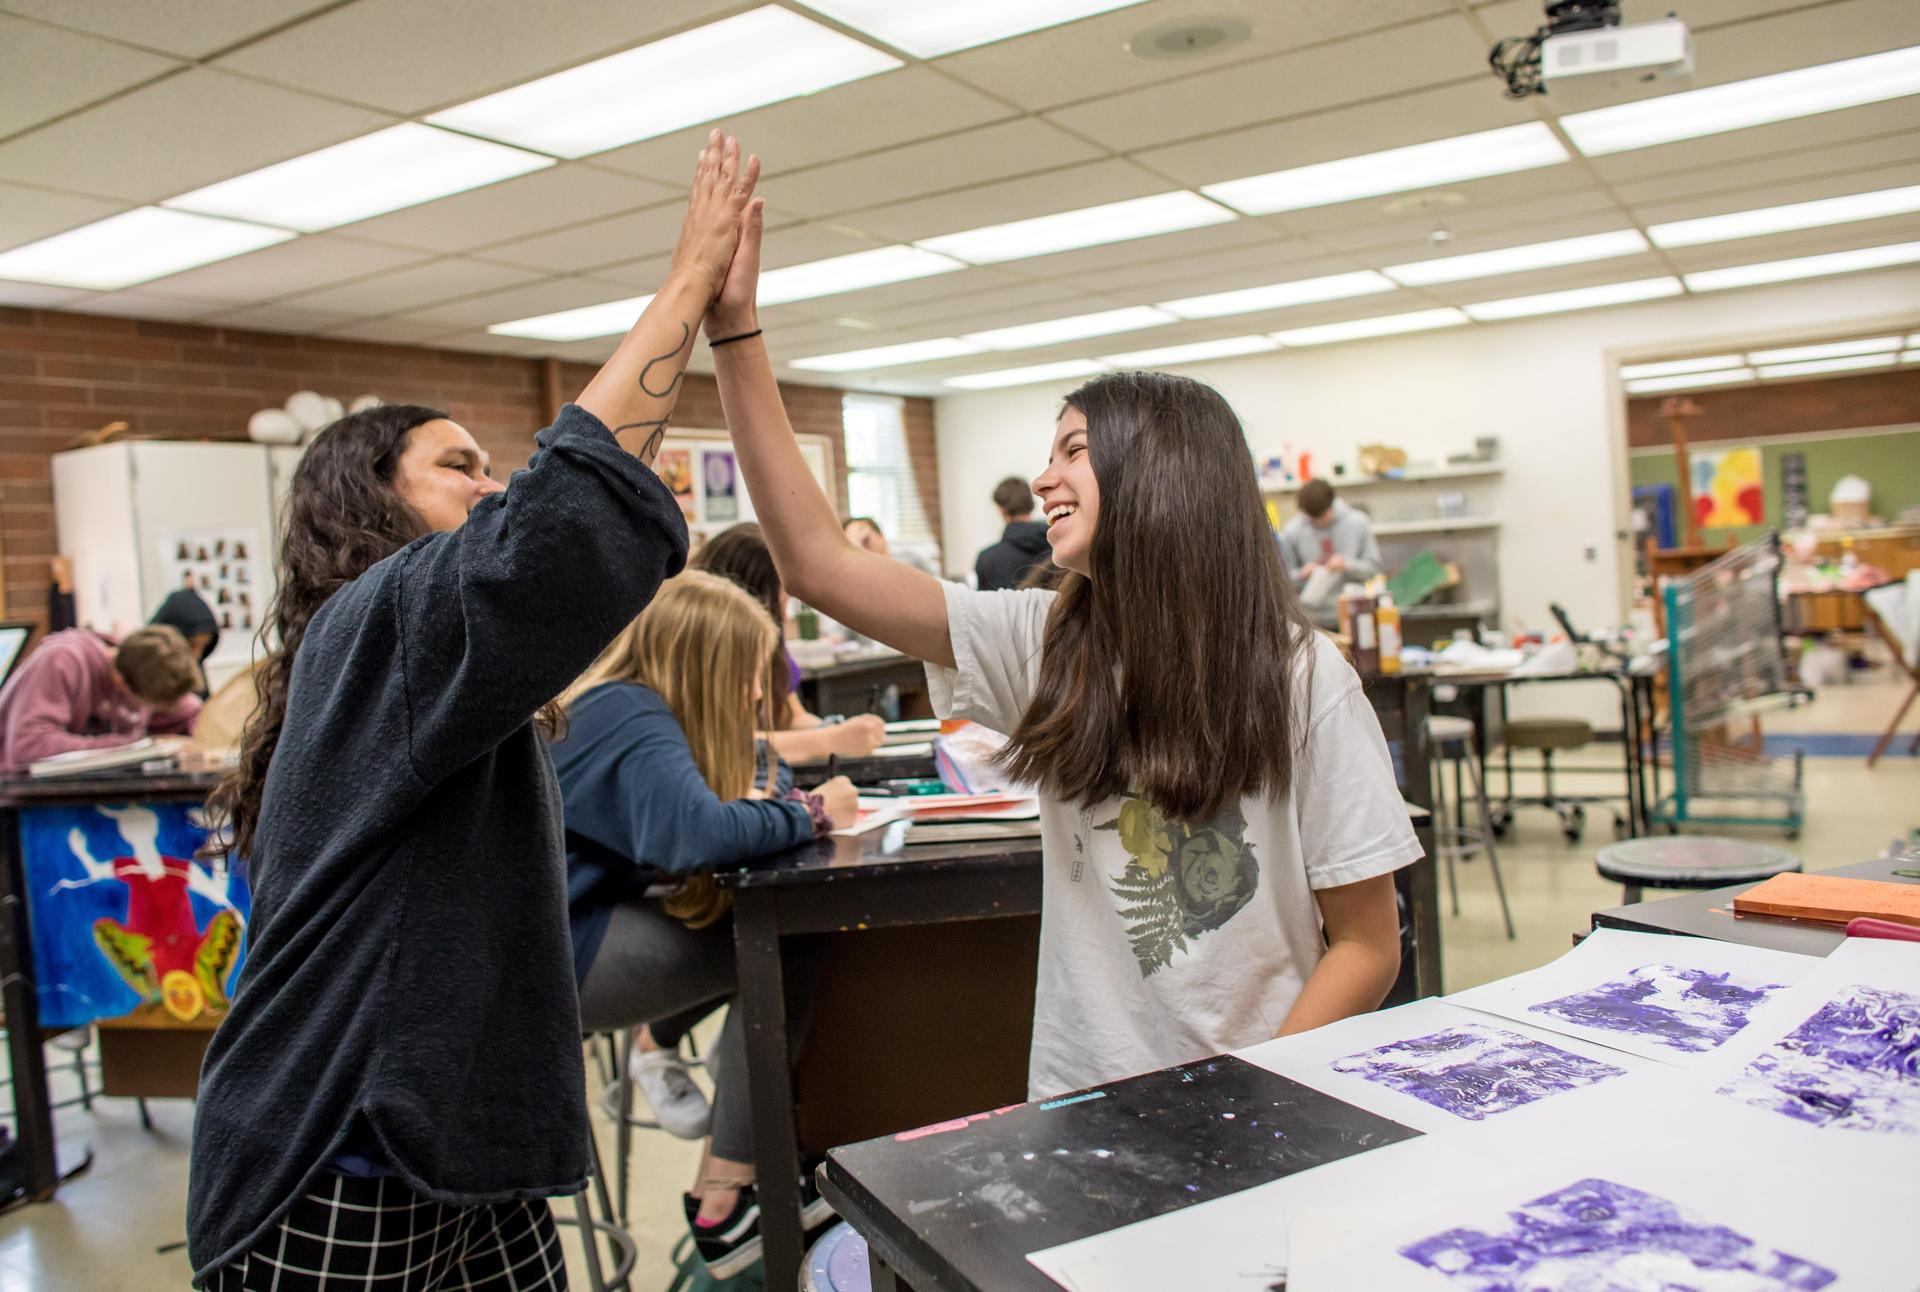 teacher high-fiving a student